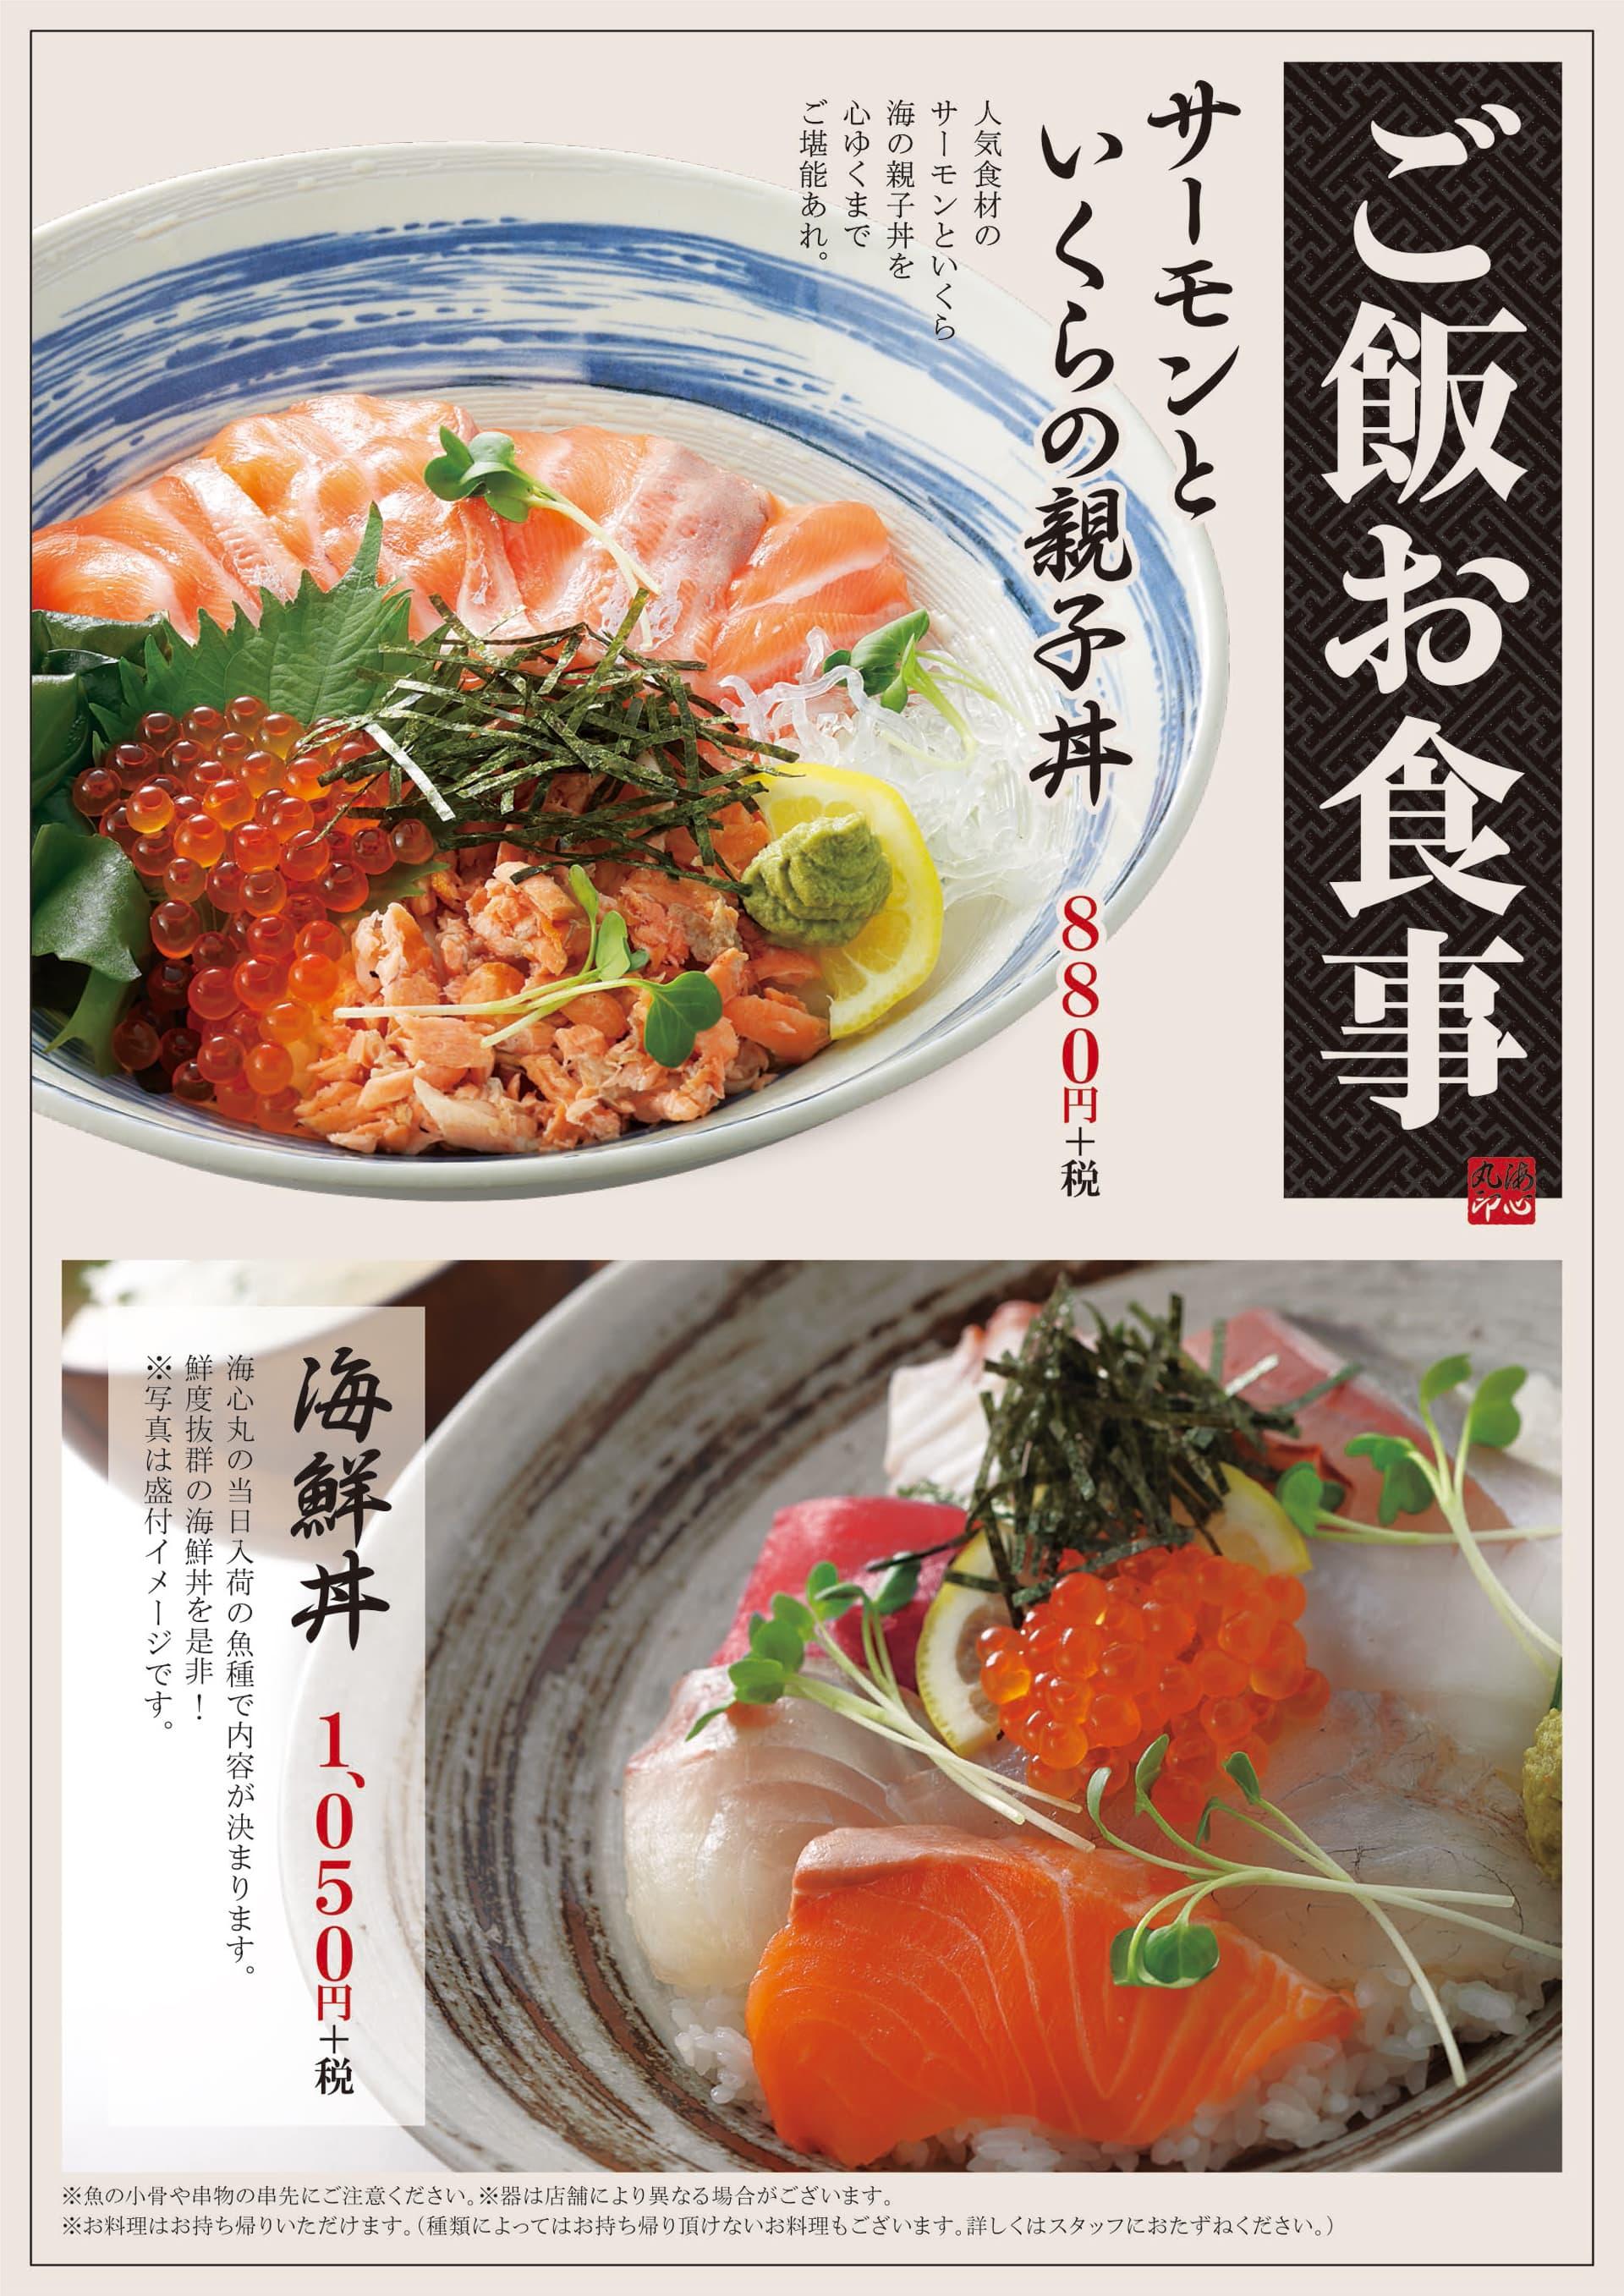 海心丸 ご飯・お食事